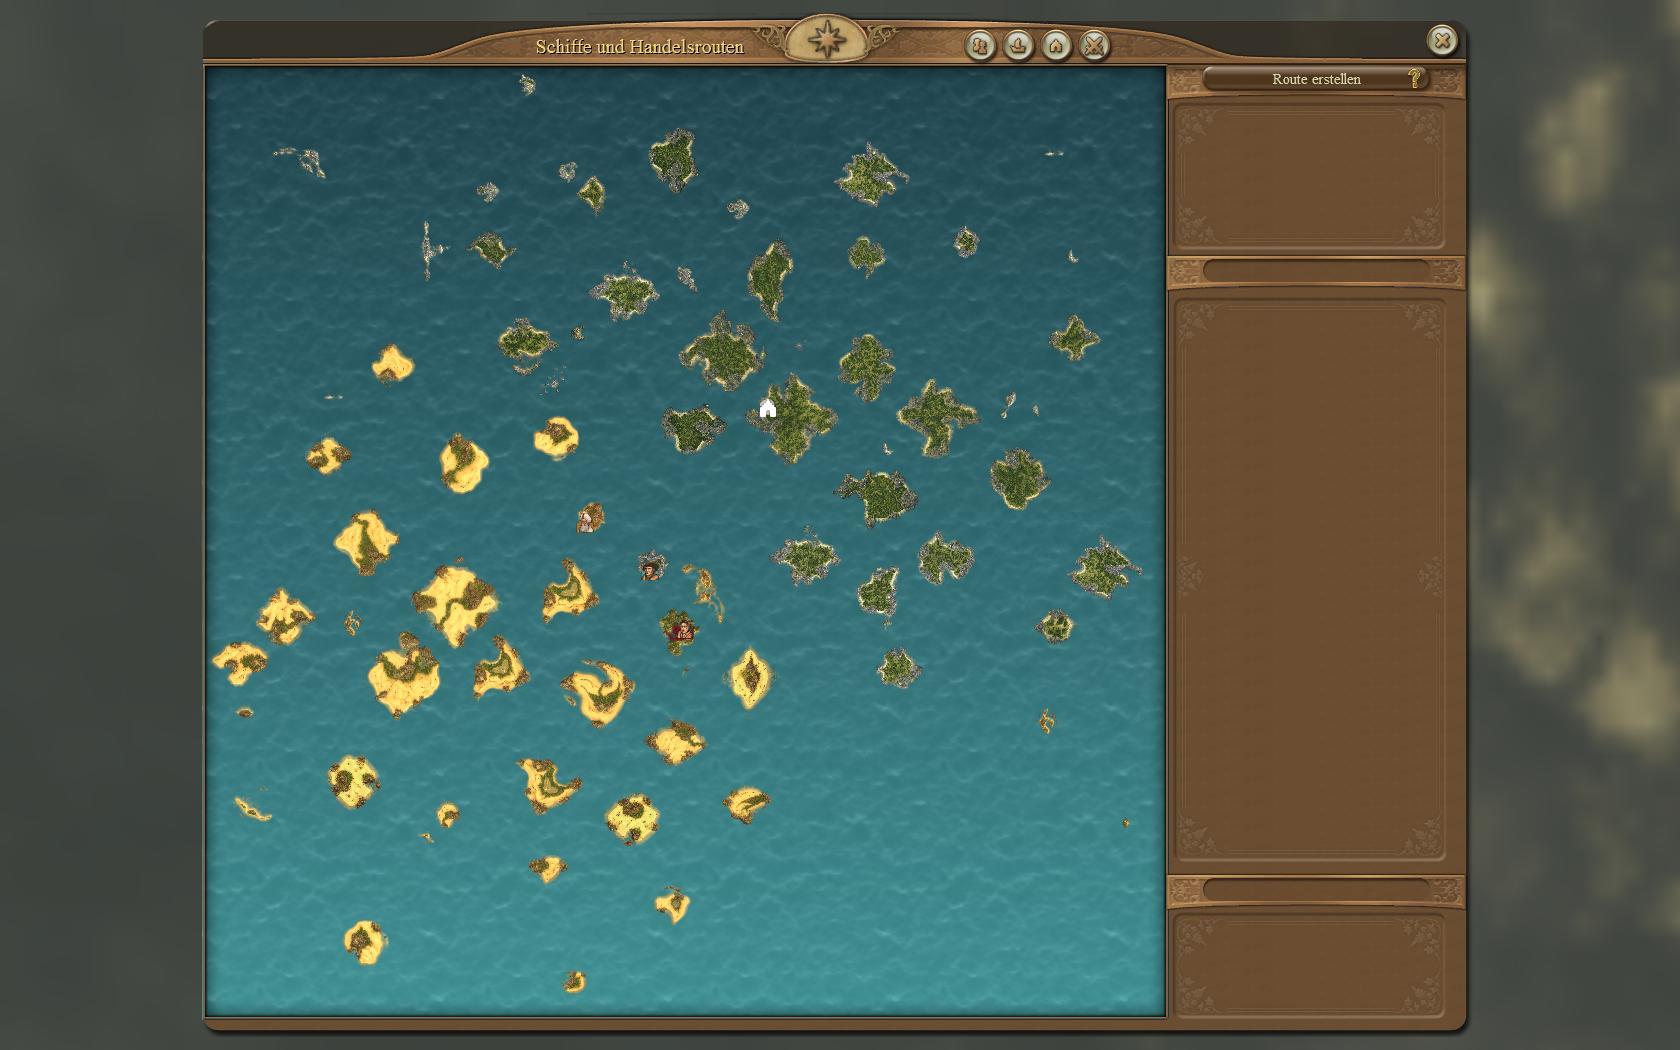 Tool karteneditor island mover 102c mit venedig untersttzung anno4 2009 08 18 11 25 23 36g gumiabroncs Choice Image